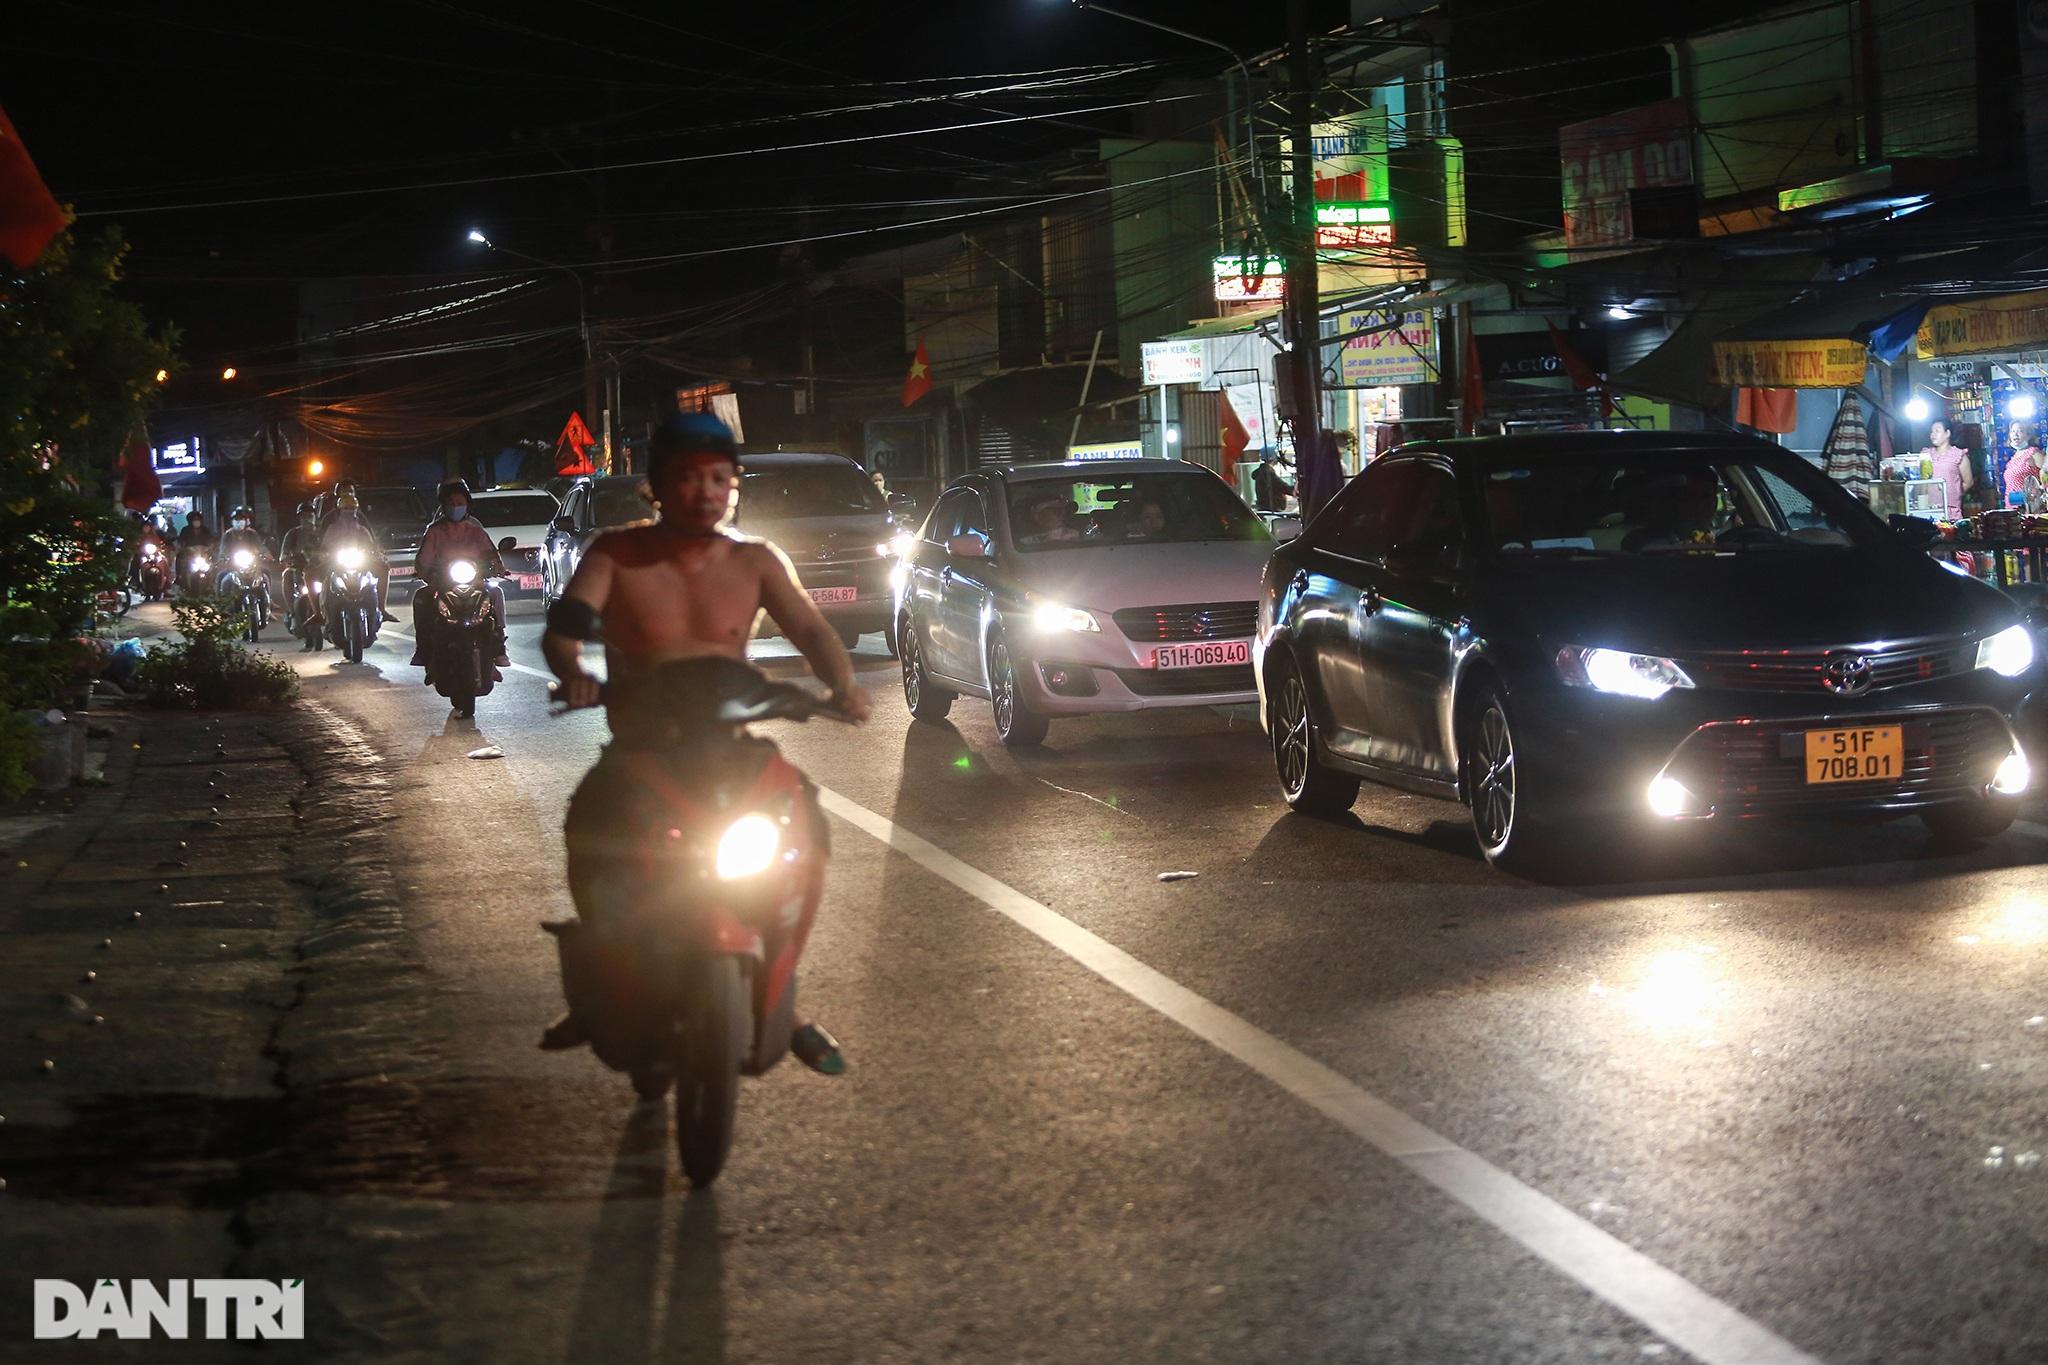 Người dân trở lại Sài Gòn sớm, giao thông cửa ngõ ùn tắc, hỗn loạn - 7